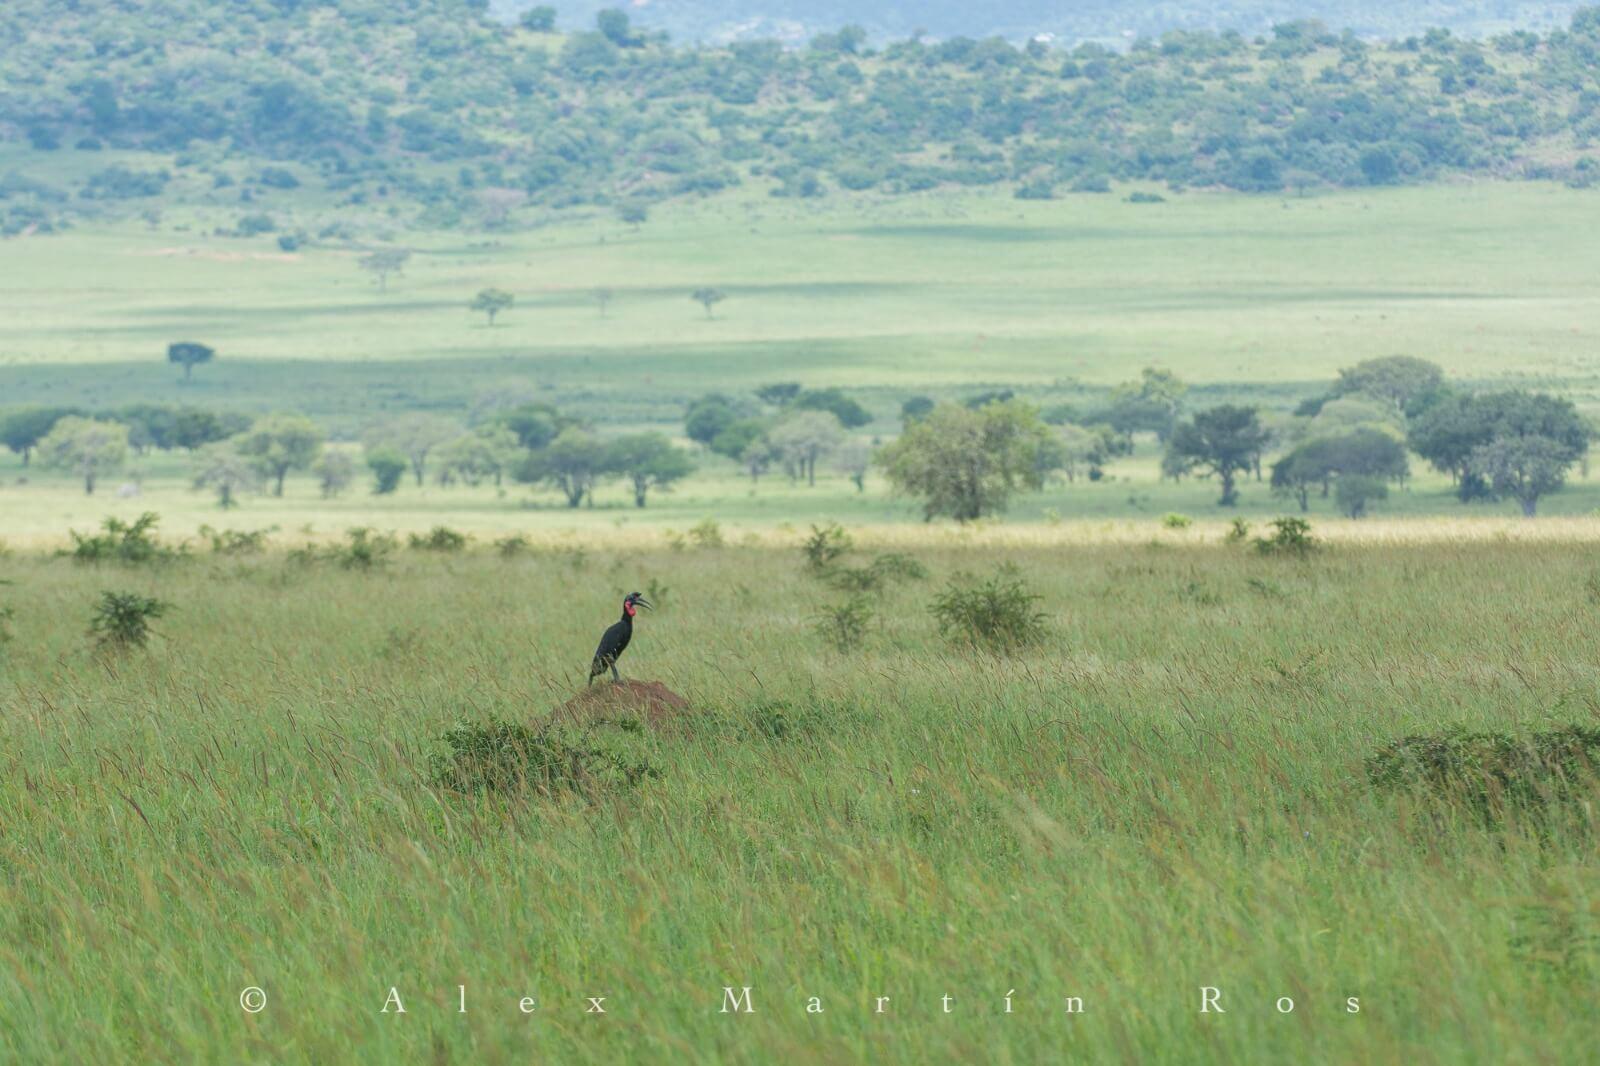 abyssinian ground hornbill